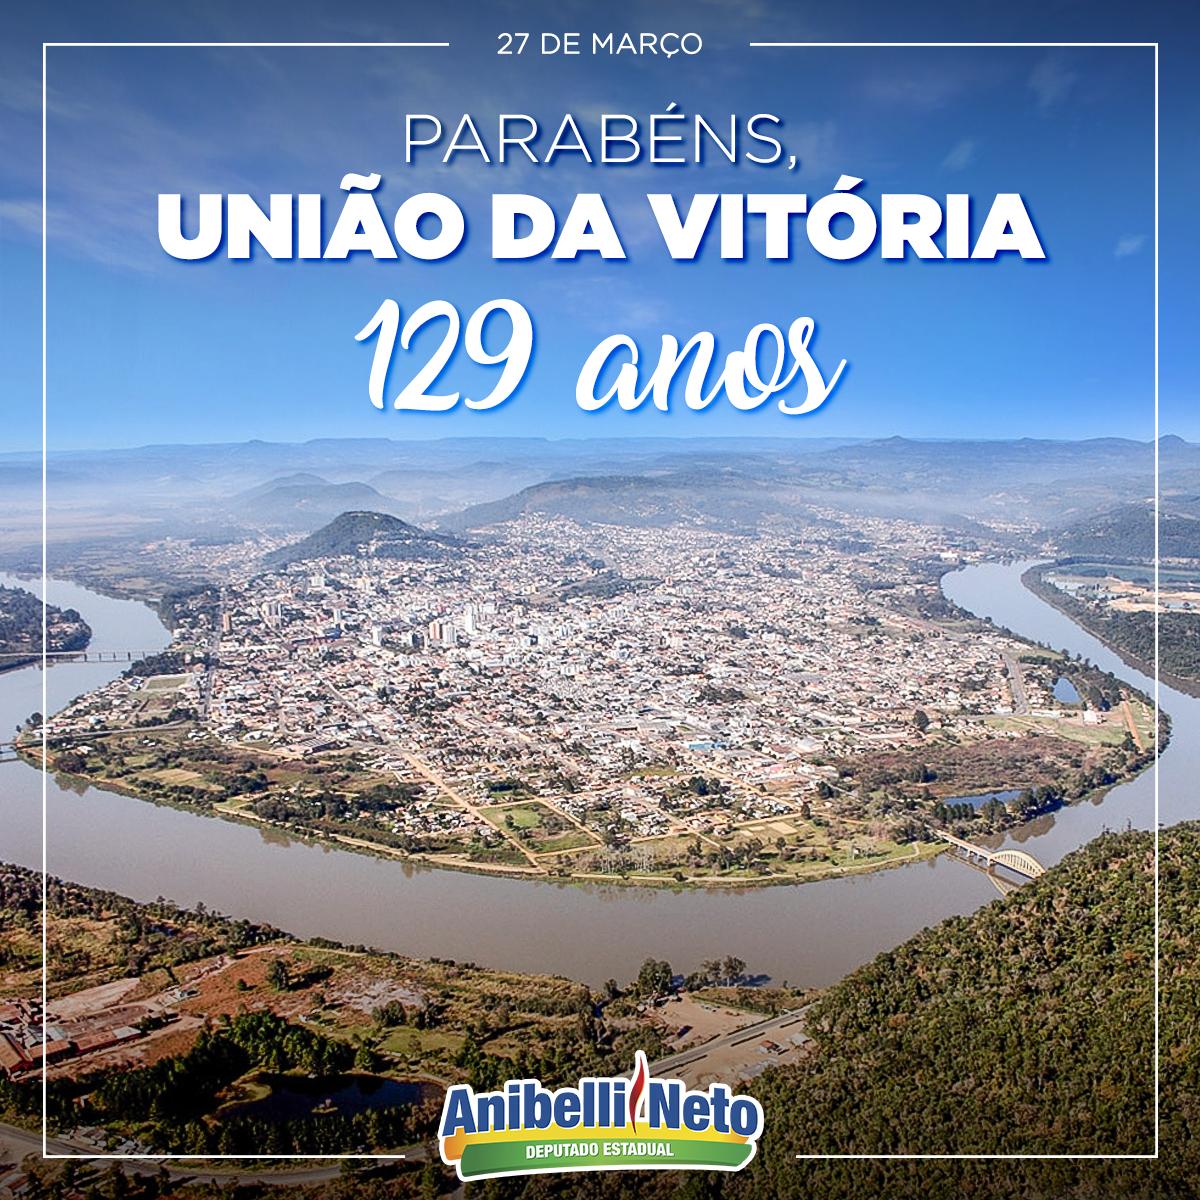 Parabéns à População de União da Vitória